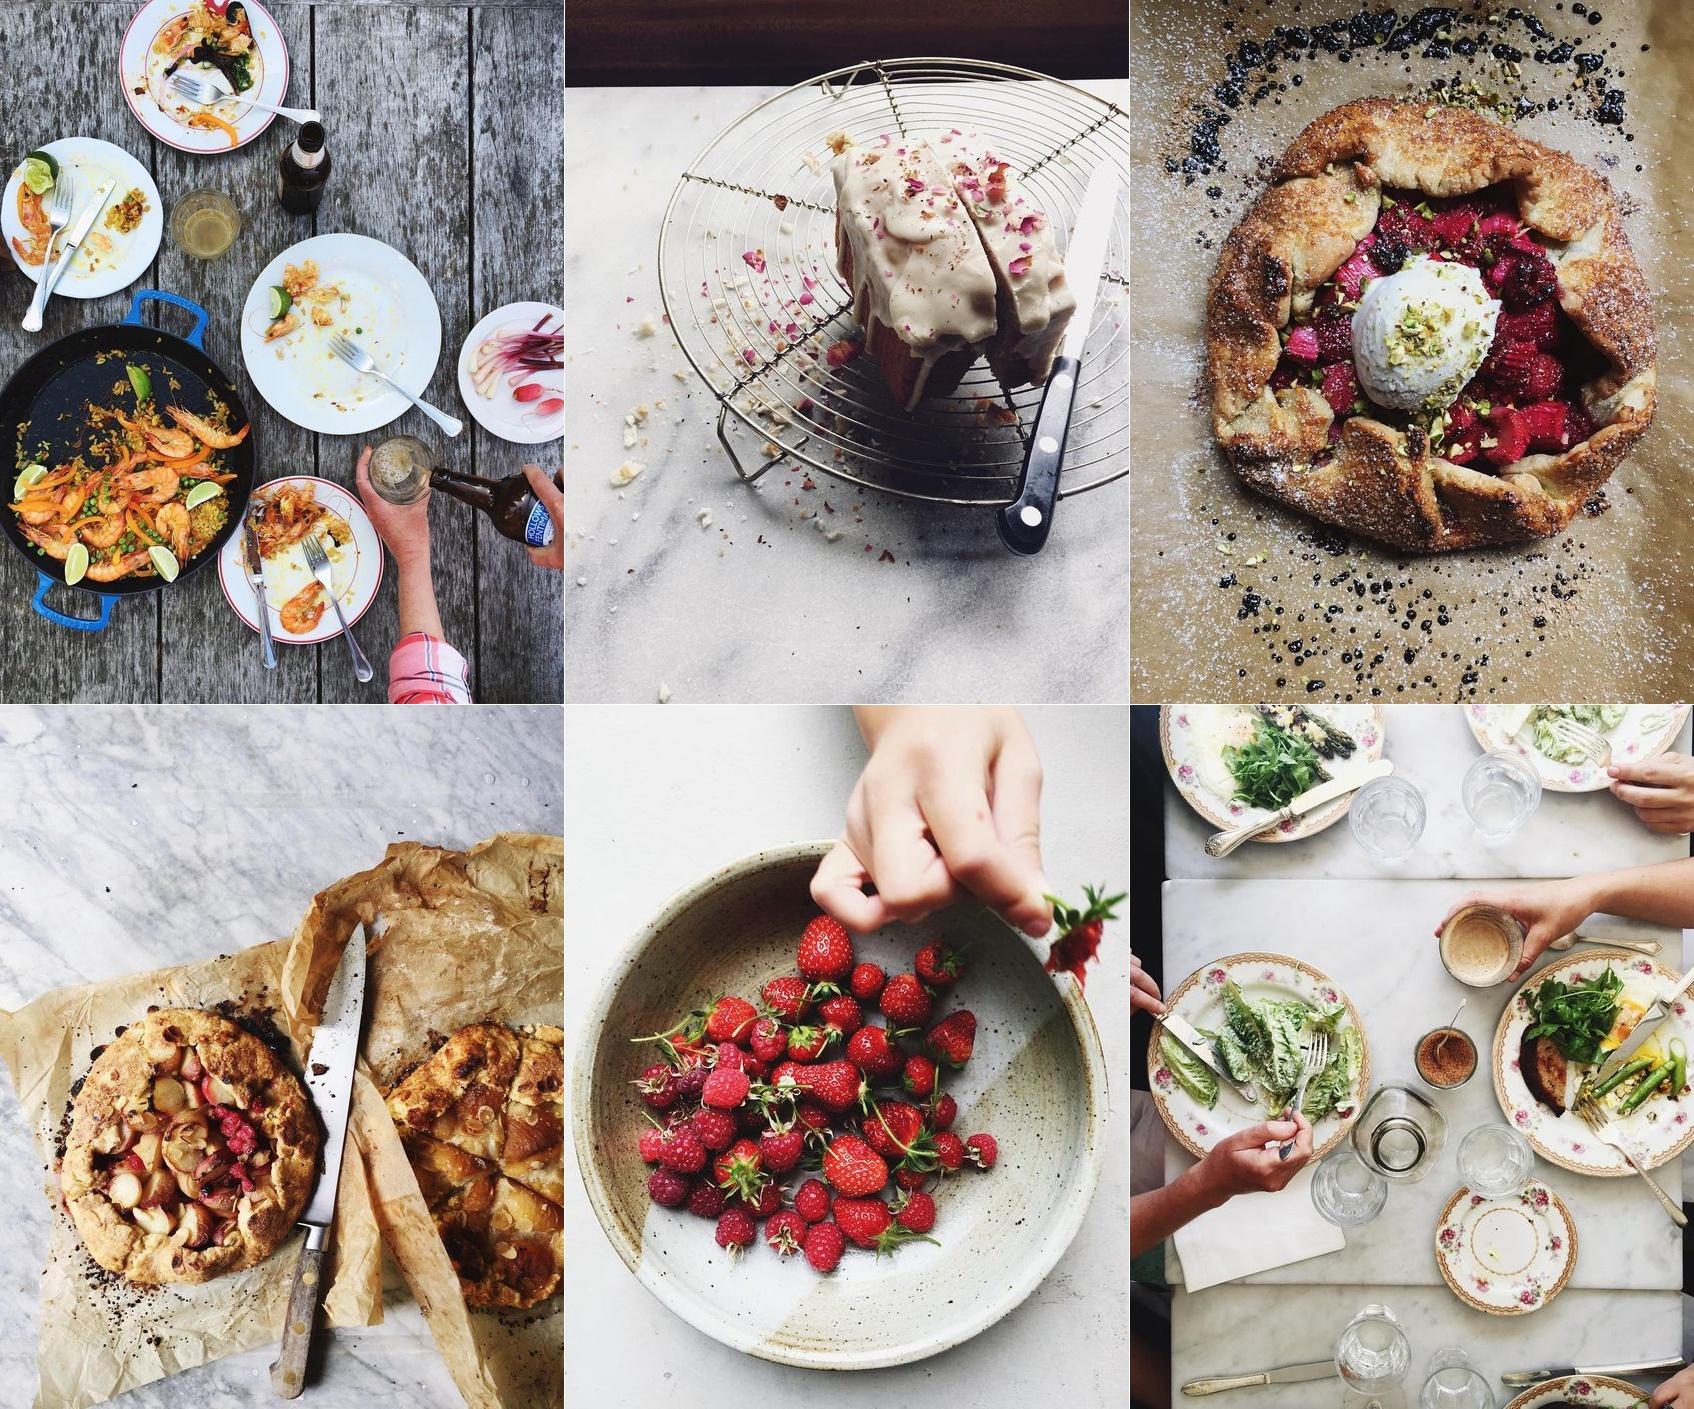 instagram-comidas-gastronomia-cannellevanille